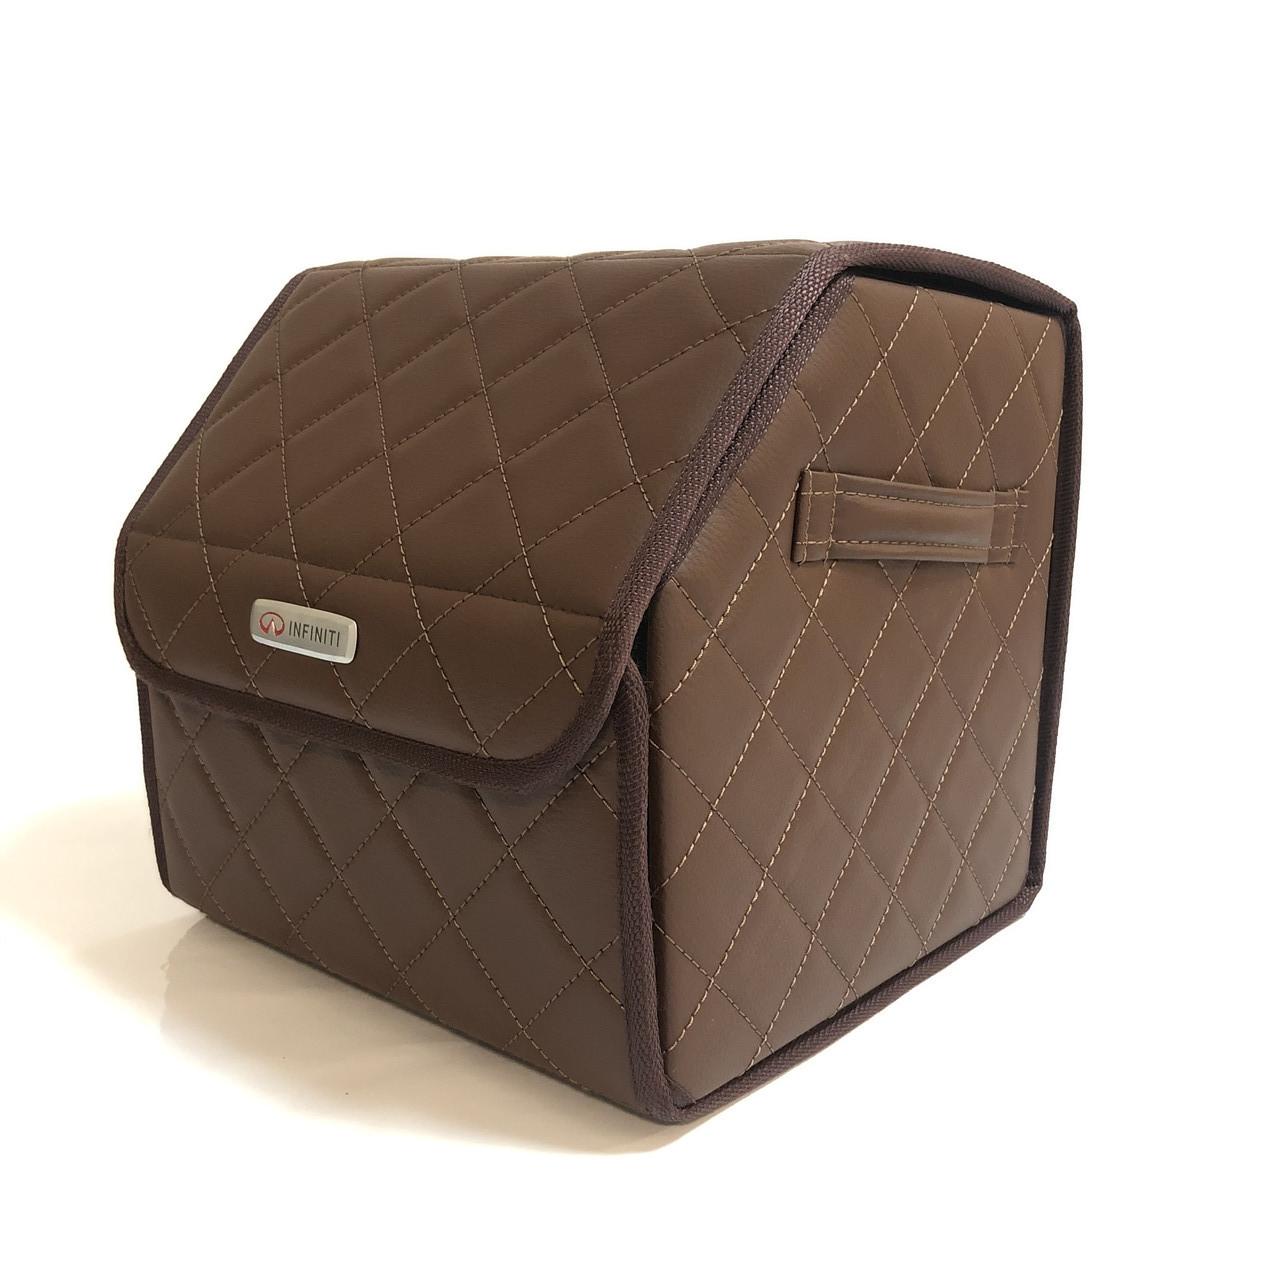 Саквояж с лого в багажник «Infiniti» I Органайзер в авто Коричневый Инфинити